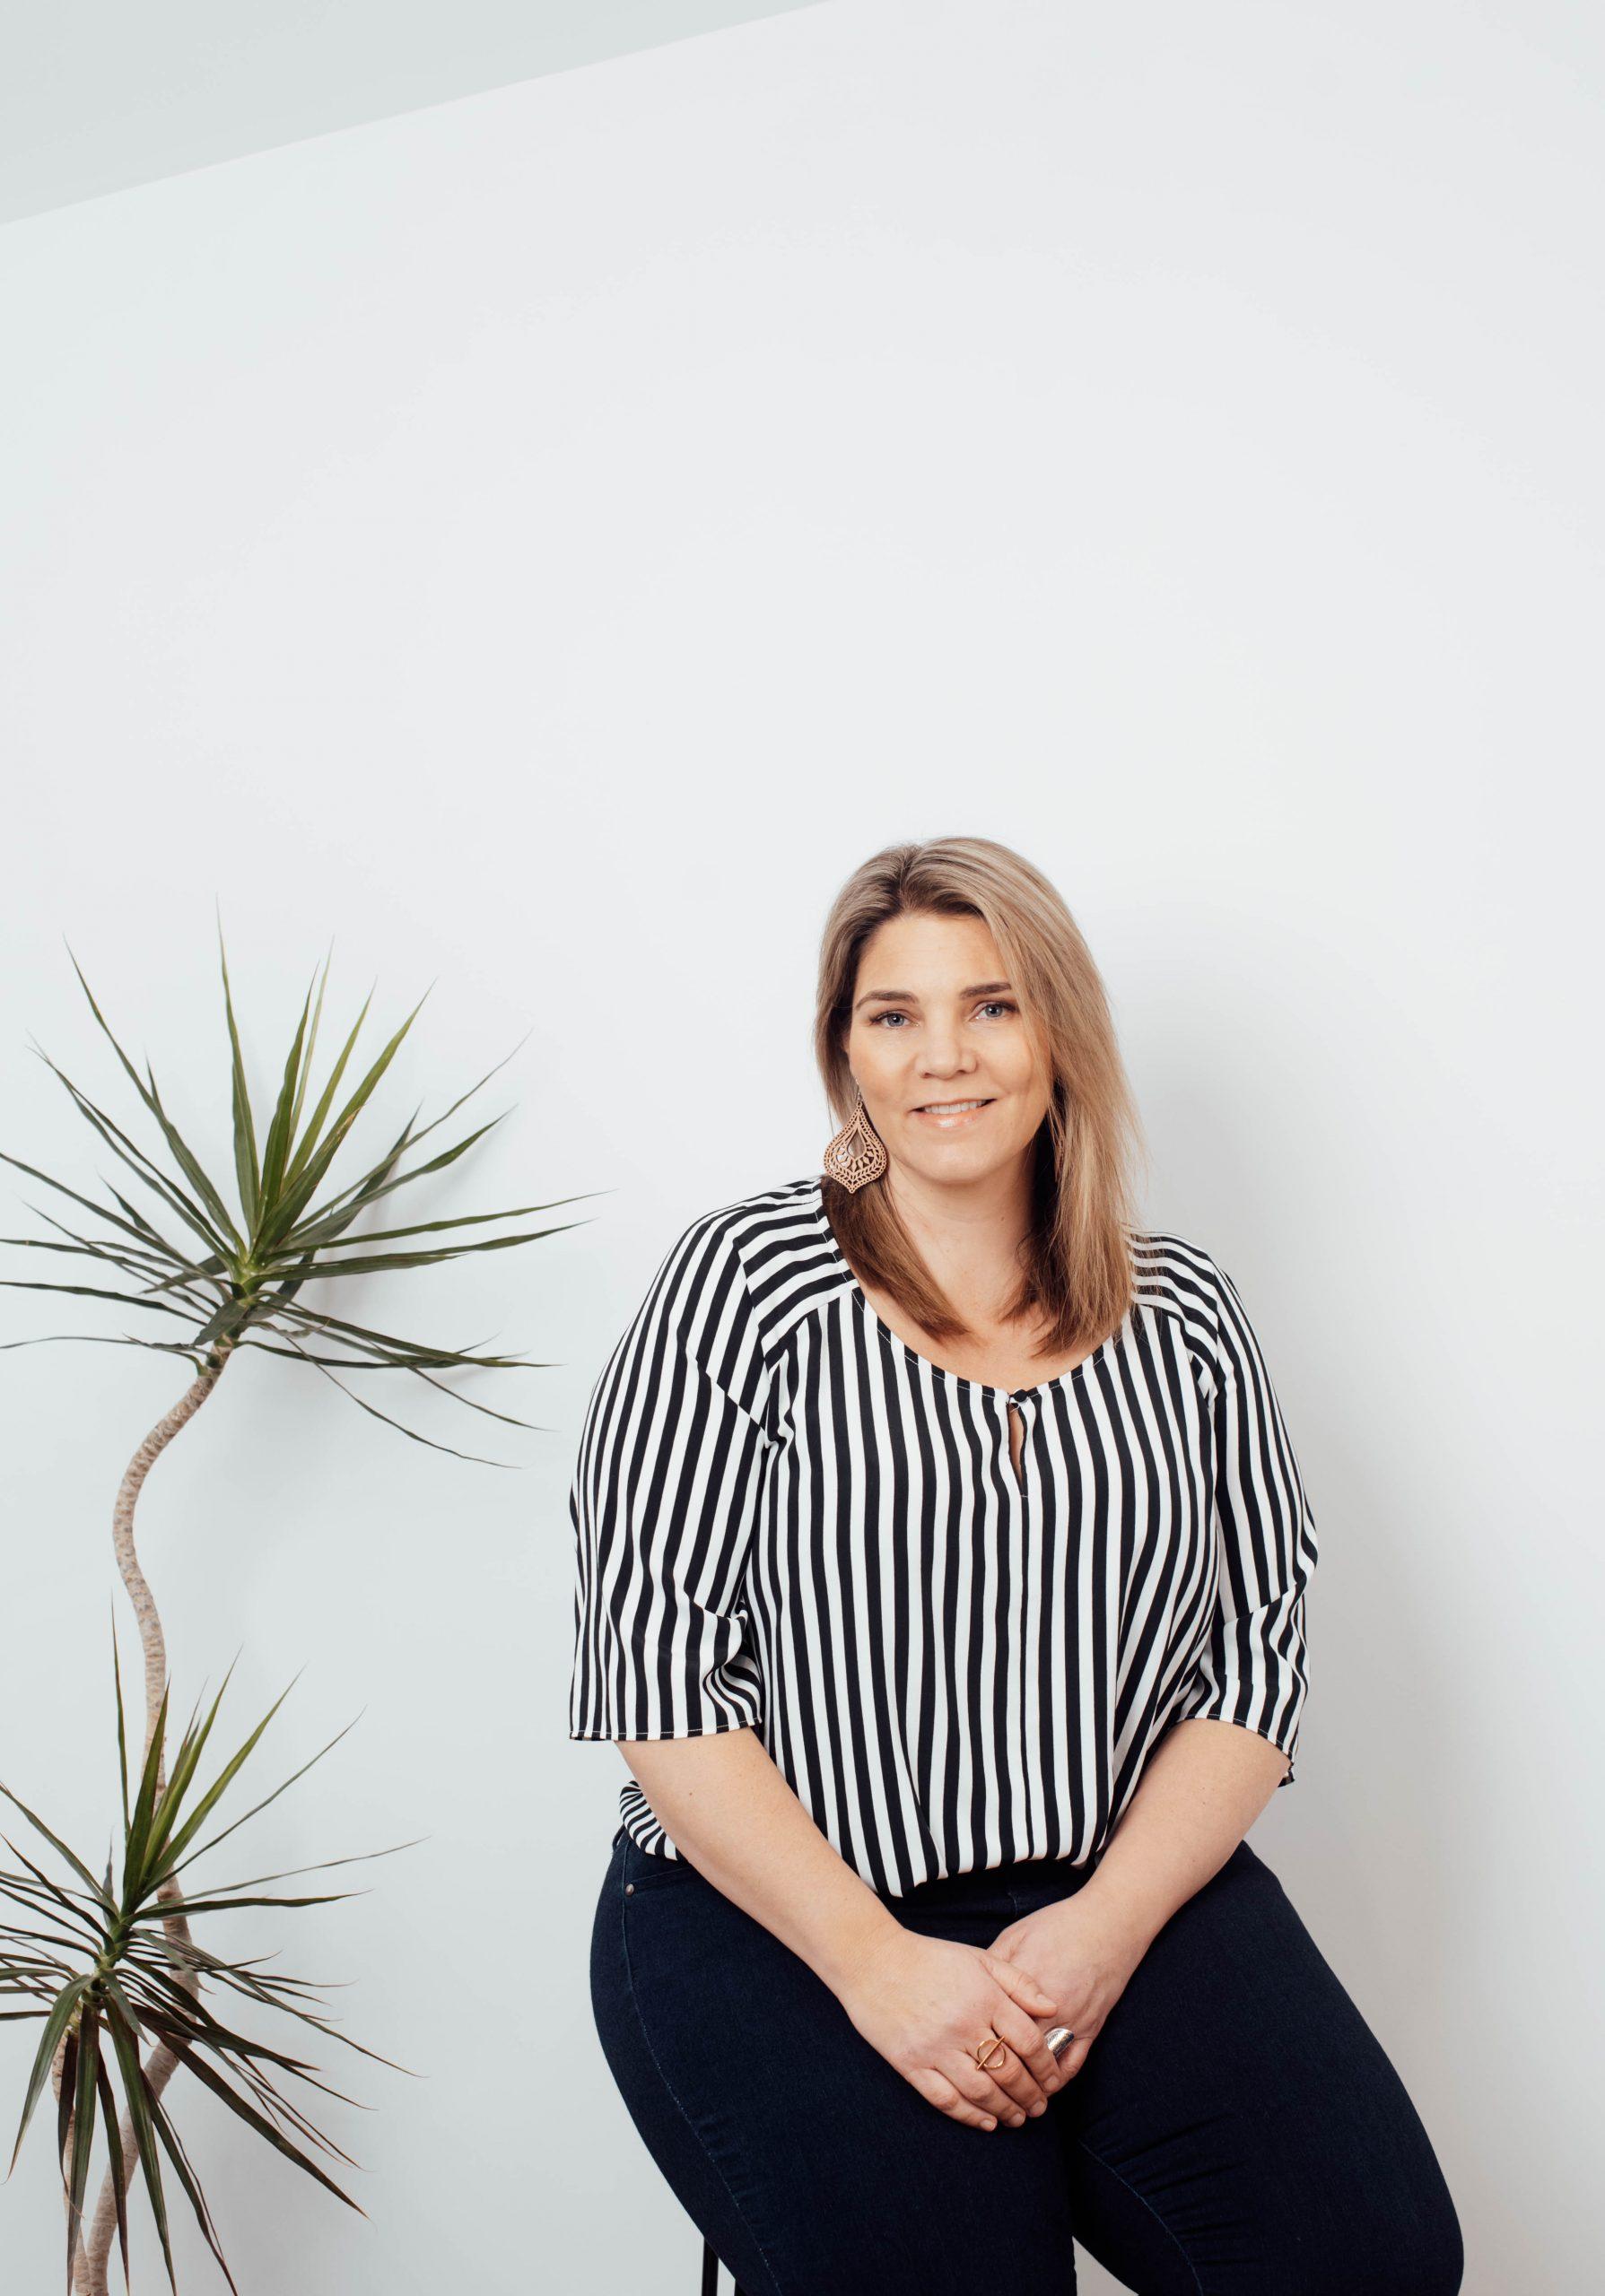 Meet Ailsa Robson, Walk and Talk Therapist